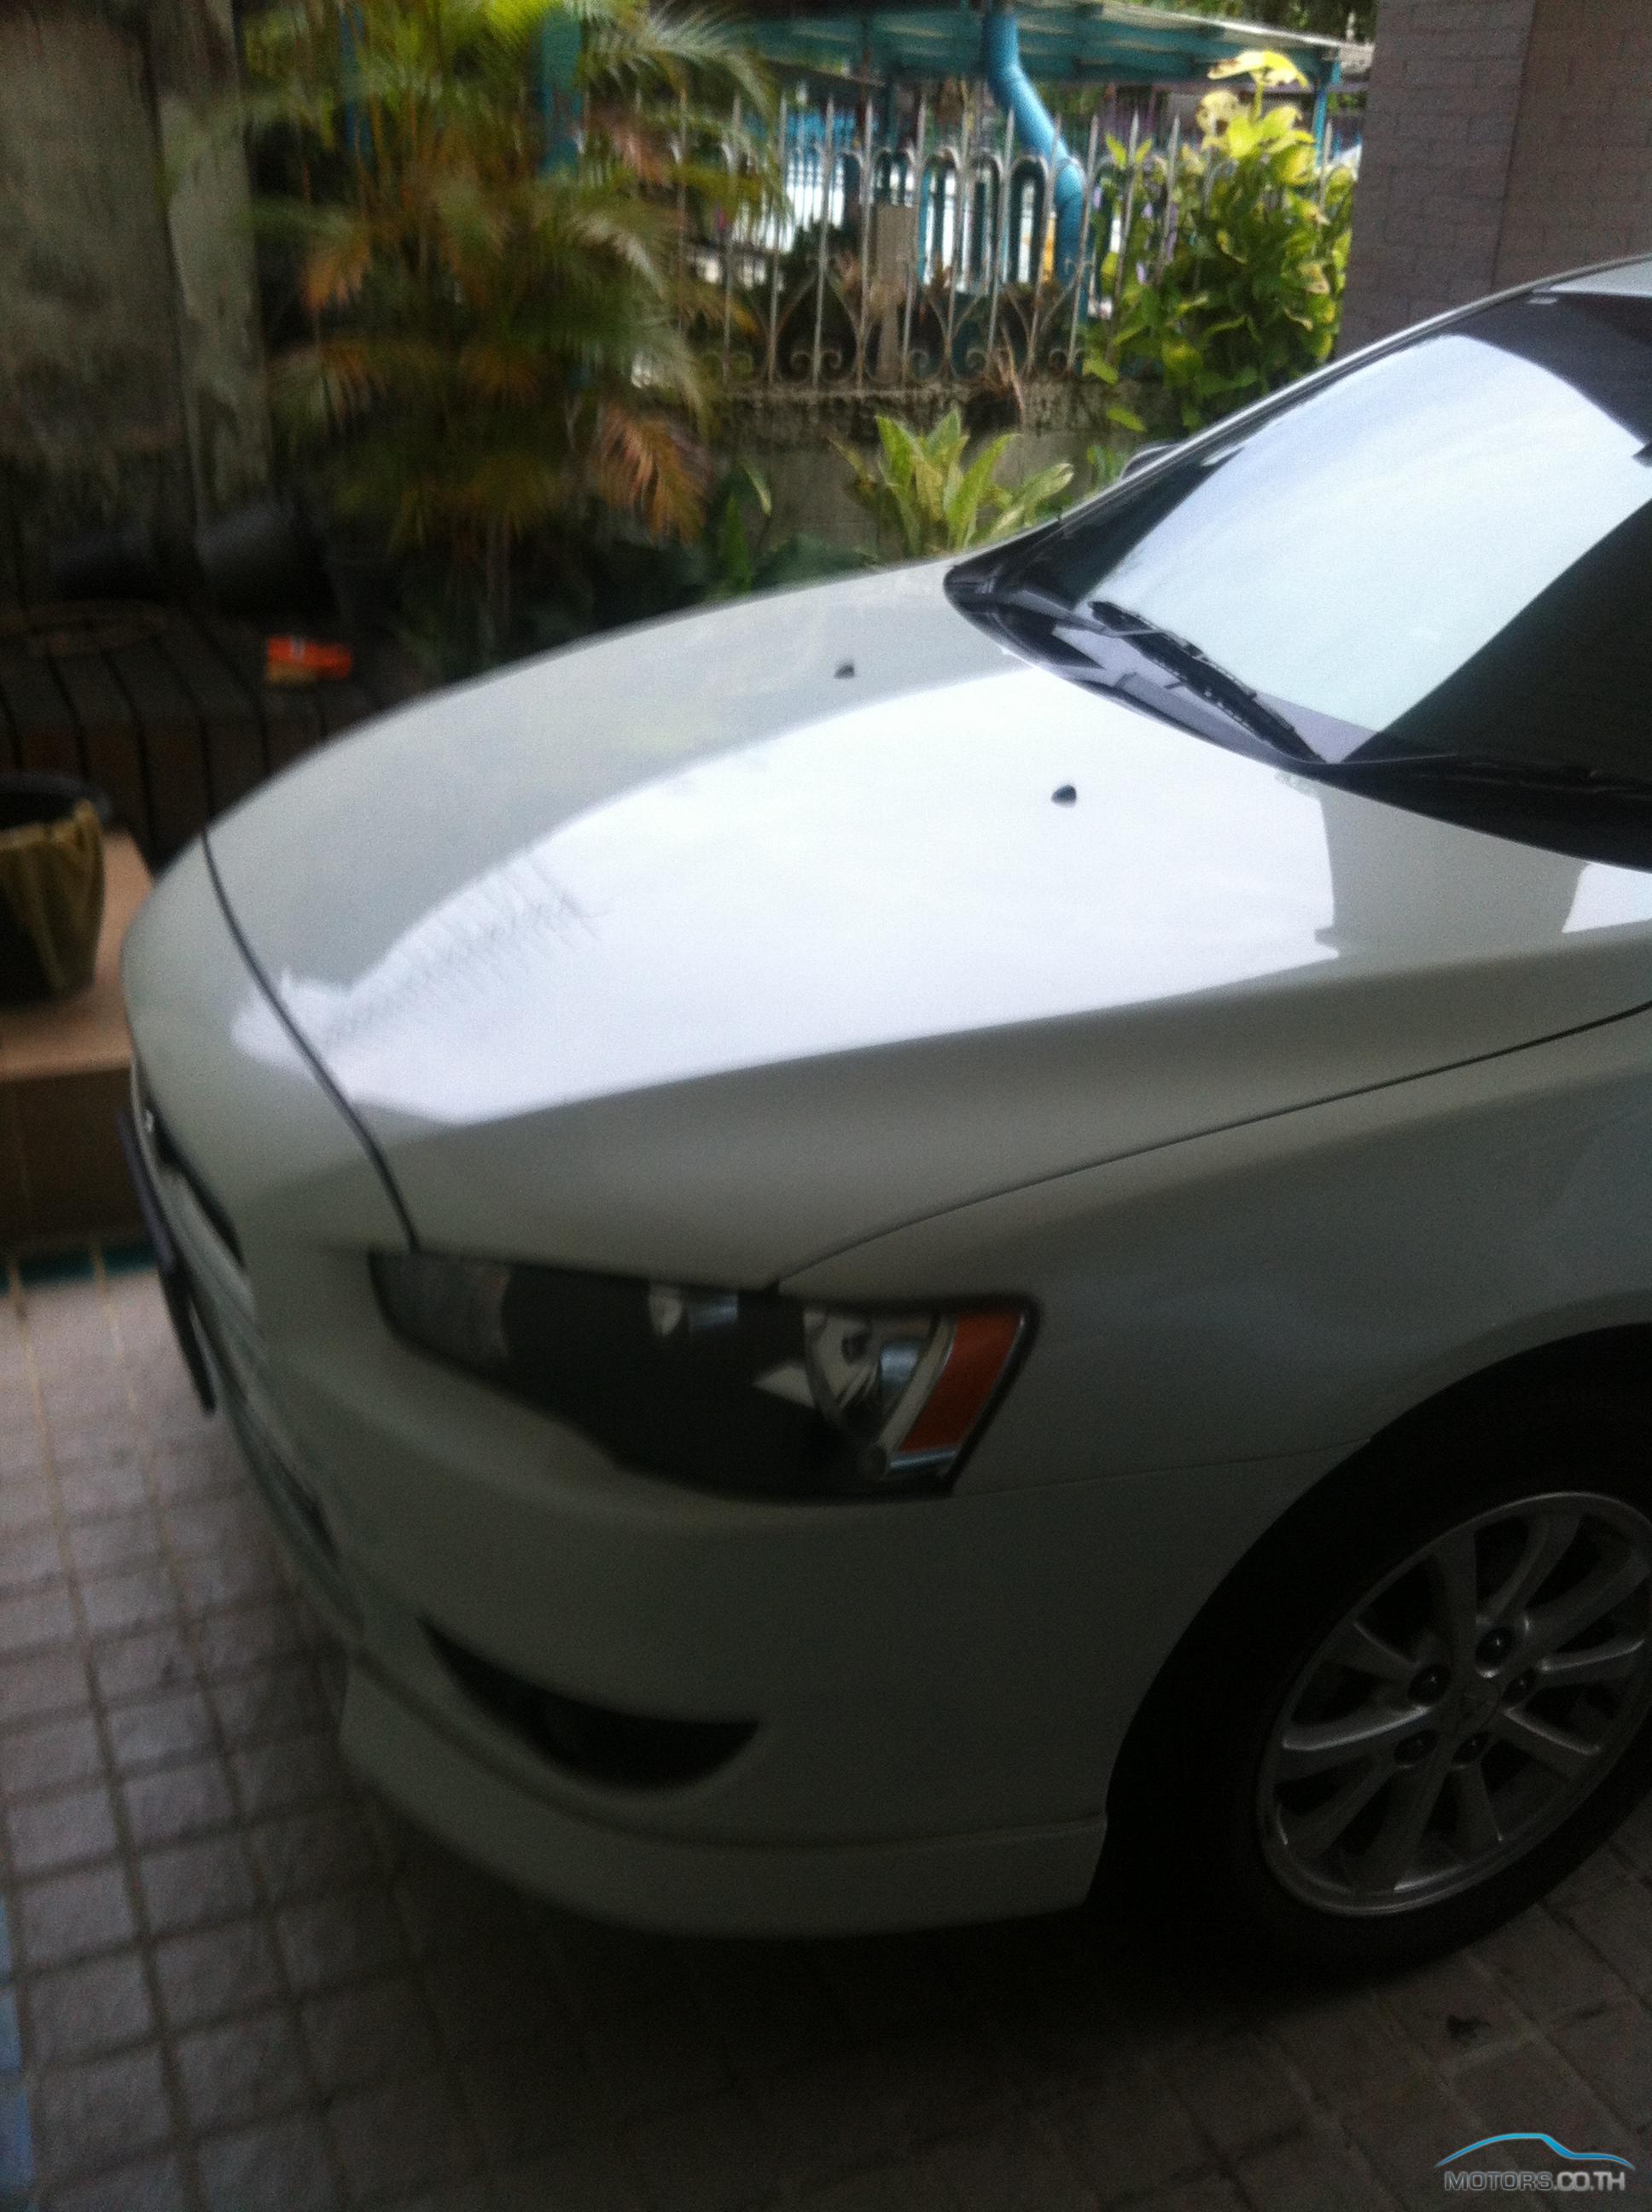 รถมือสอง, รถยนต์มือสอง MITSUBISHI LANCER (2011)